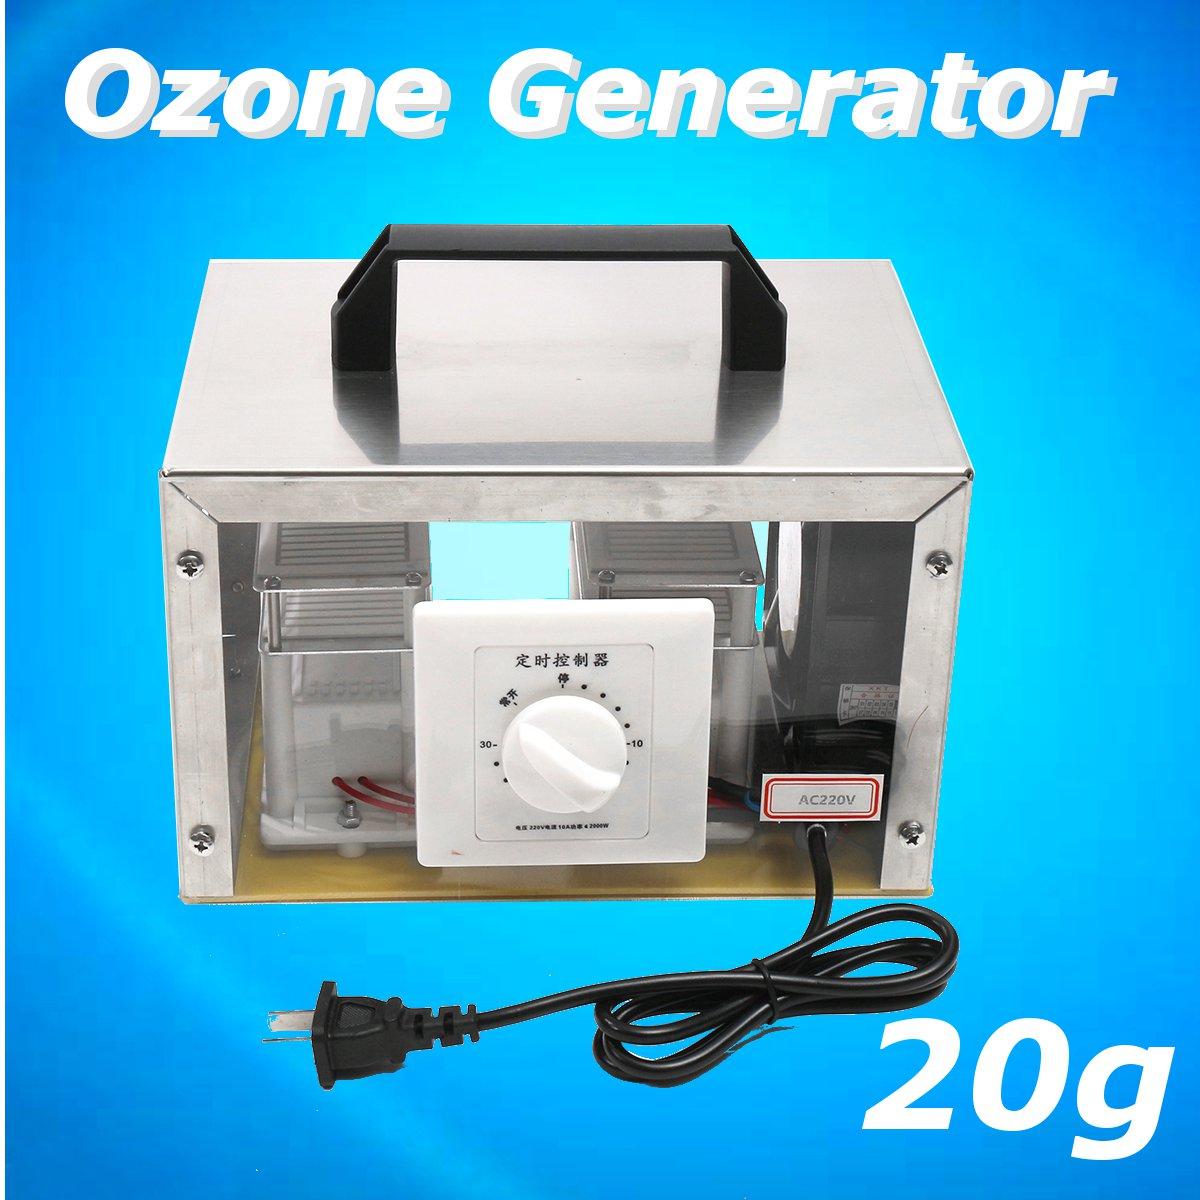 AC 220 v Accueil/Voiture 20g Générateur D'ozone Désinfection Machine À La Maison Purificateur D'air + Couvercle En Acier Inoxydable